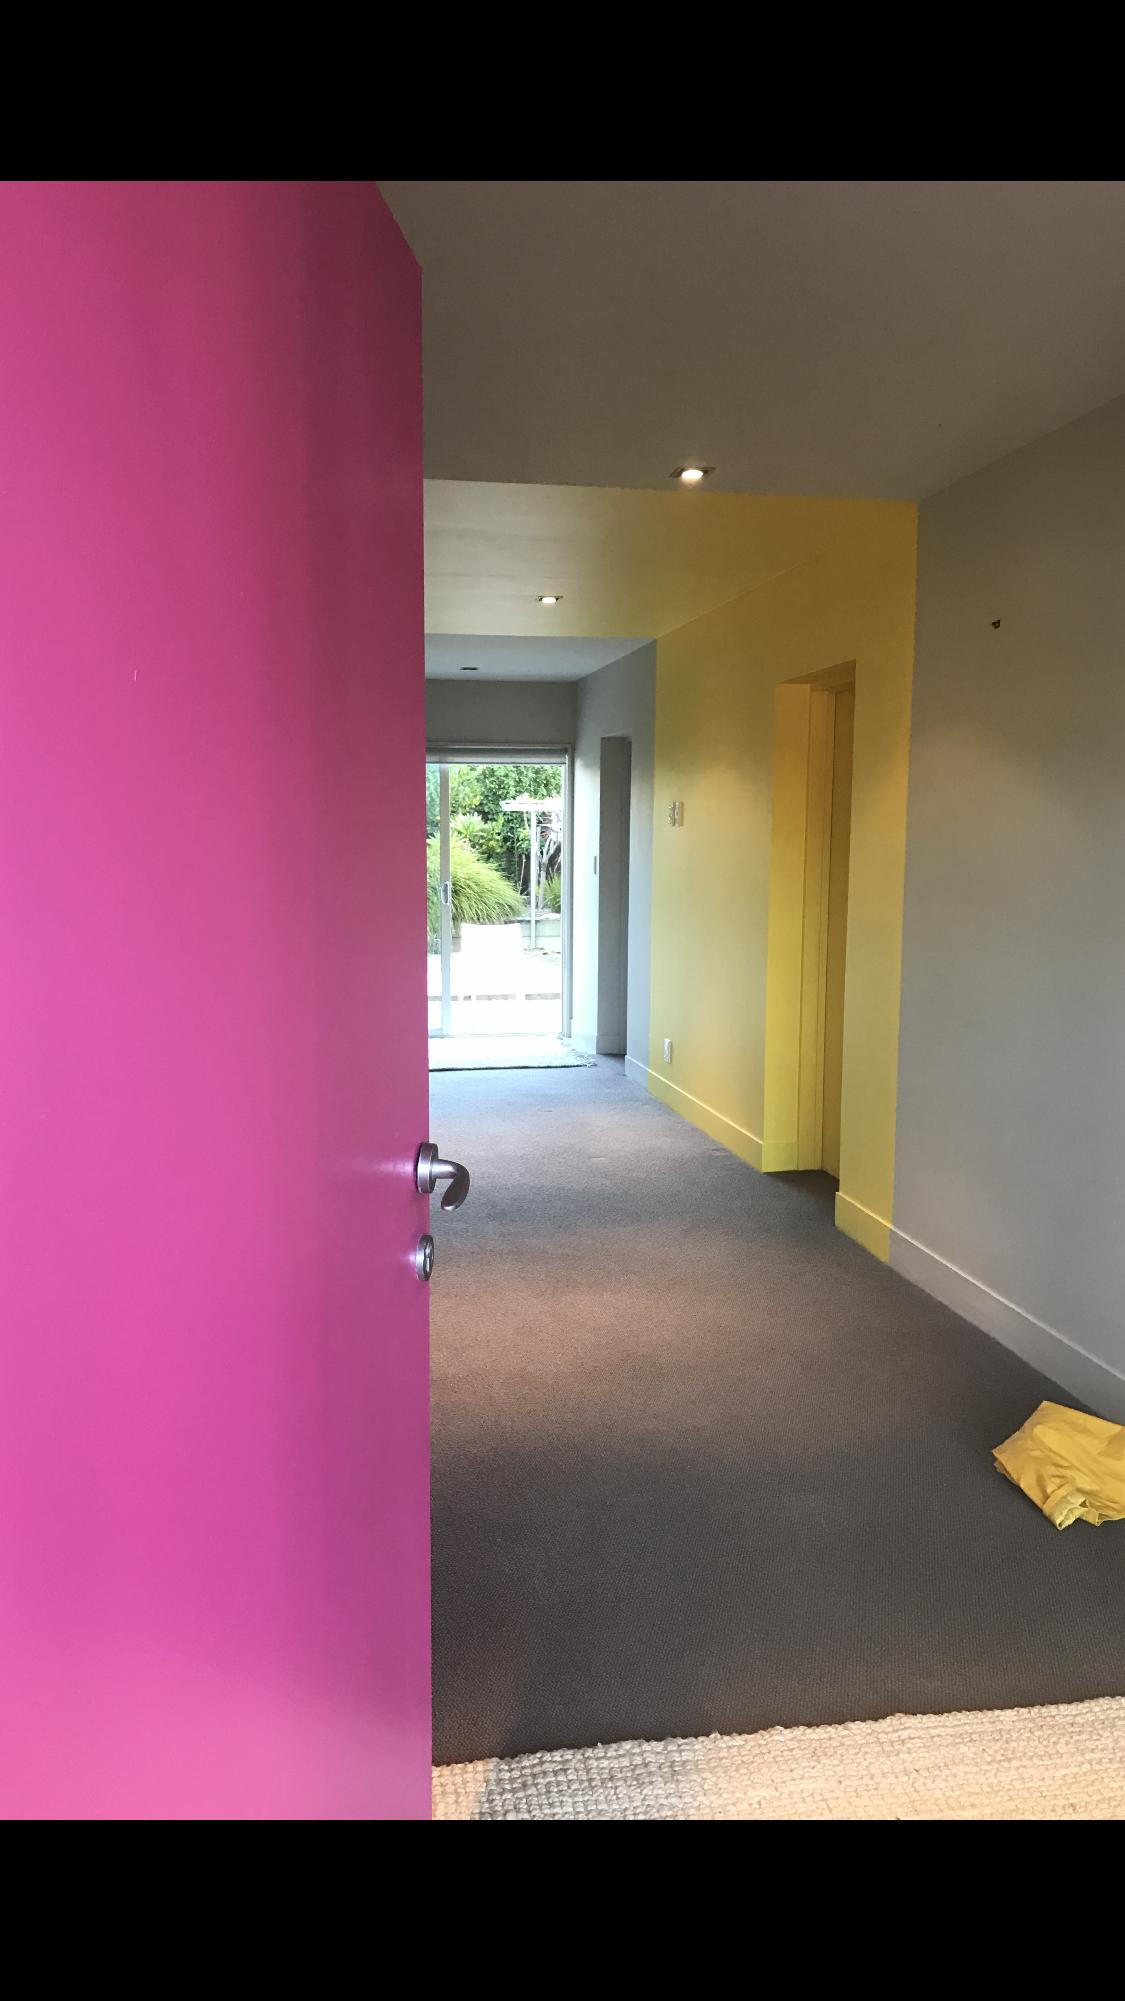 #pinkdoor #pinkandyellow